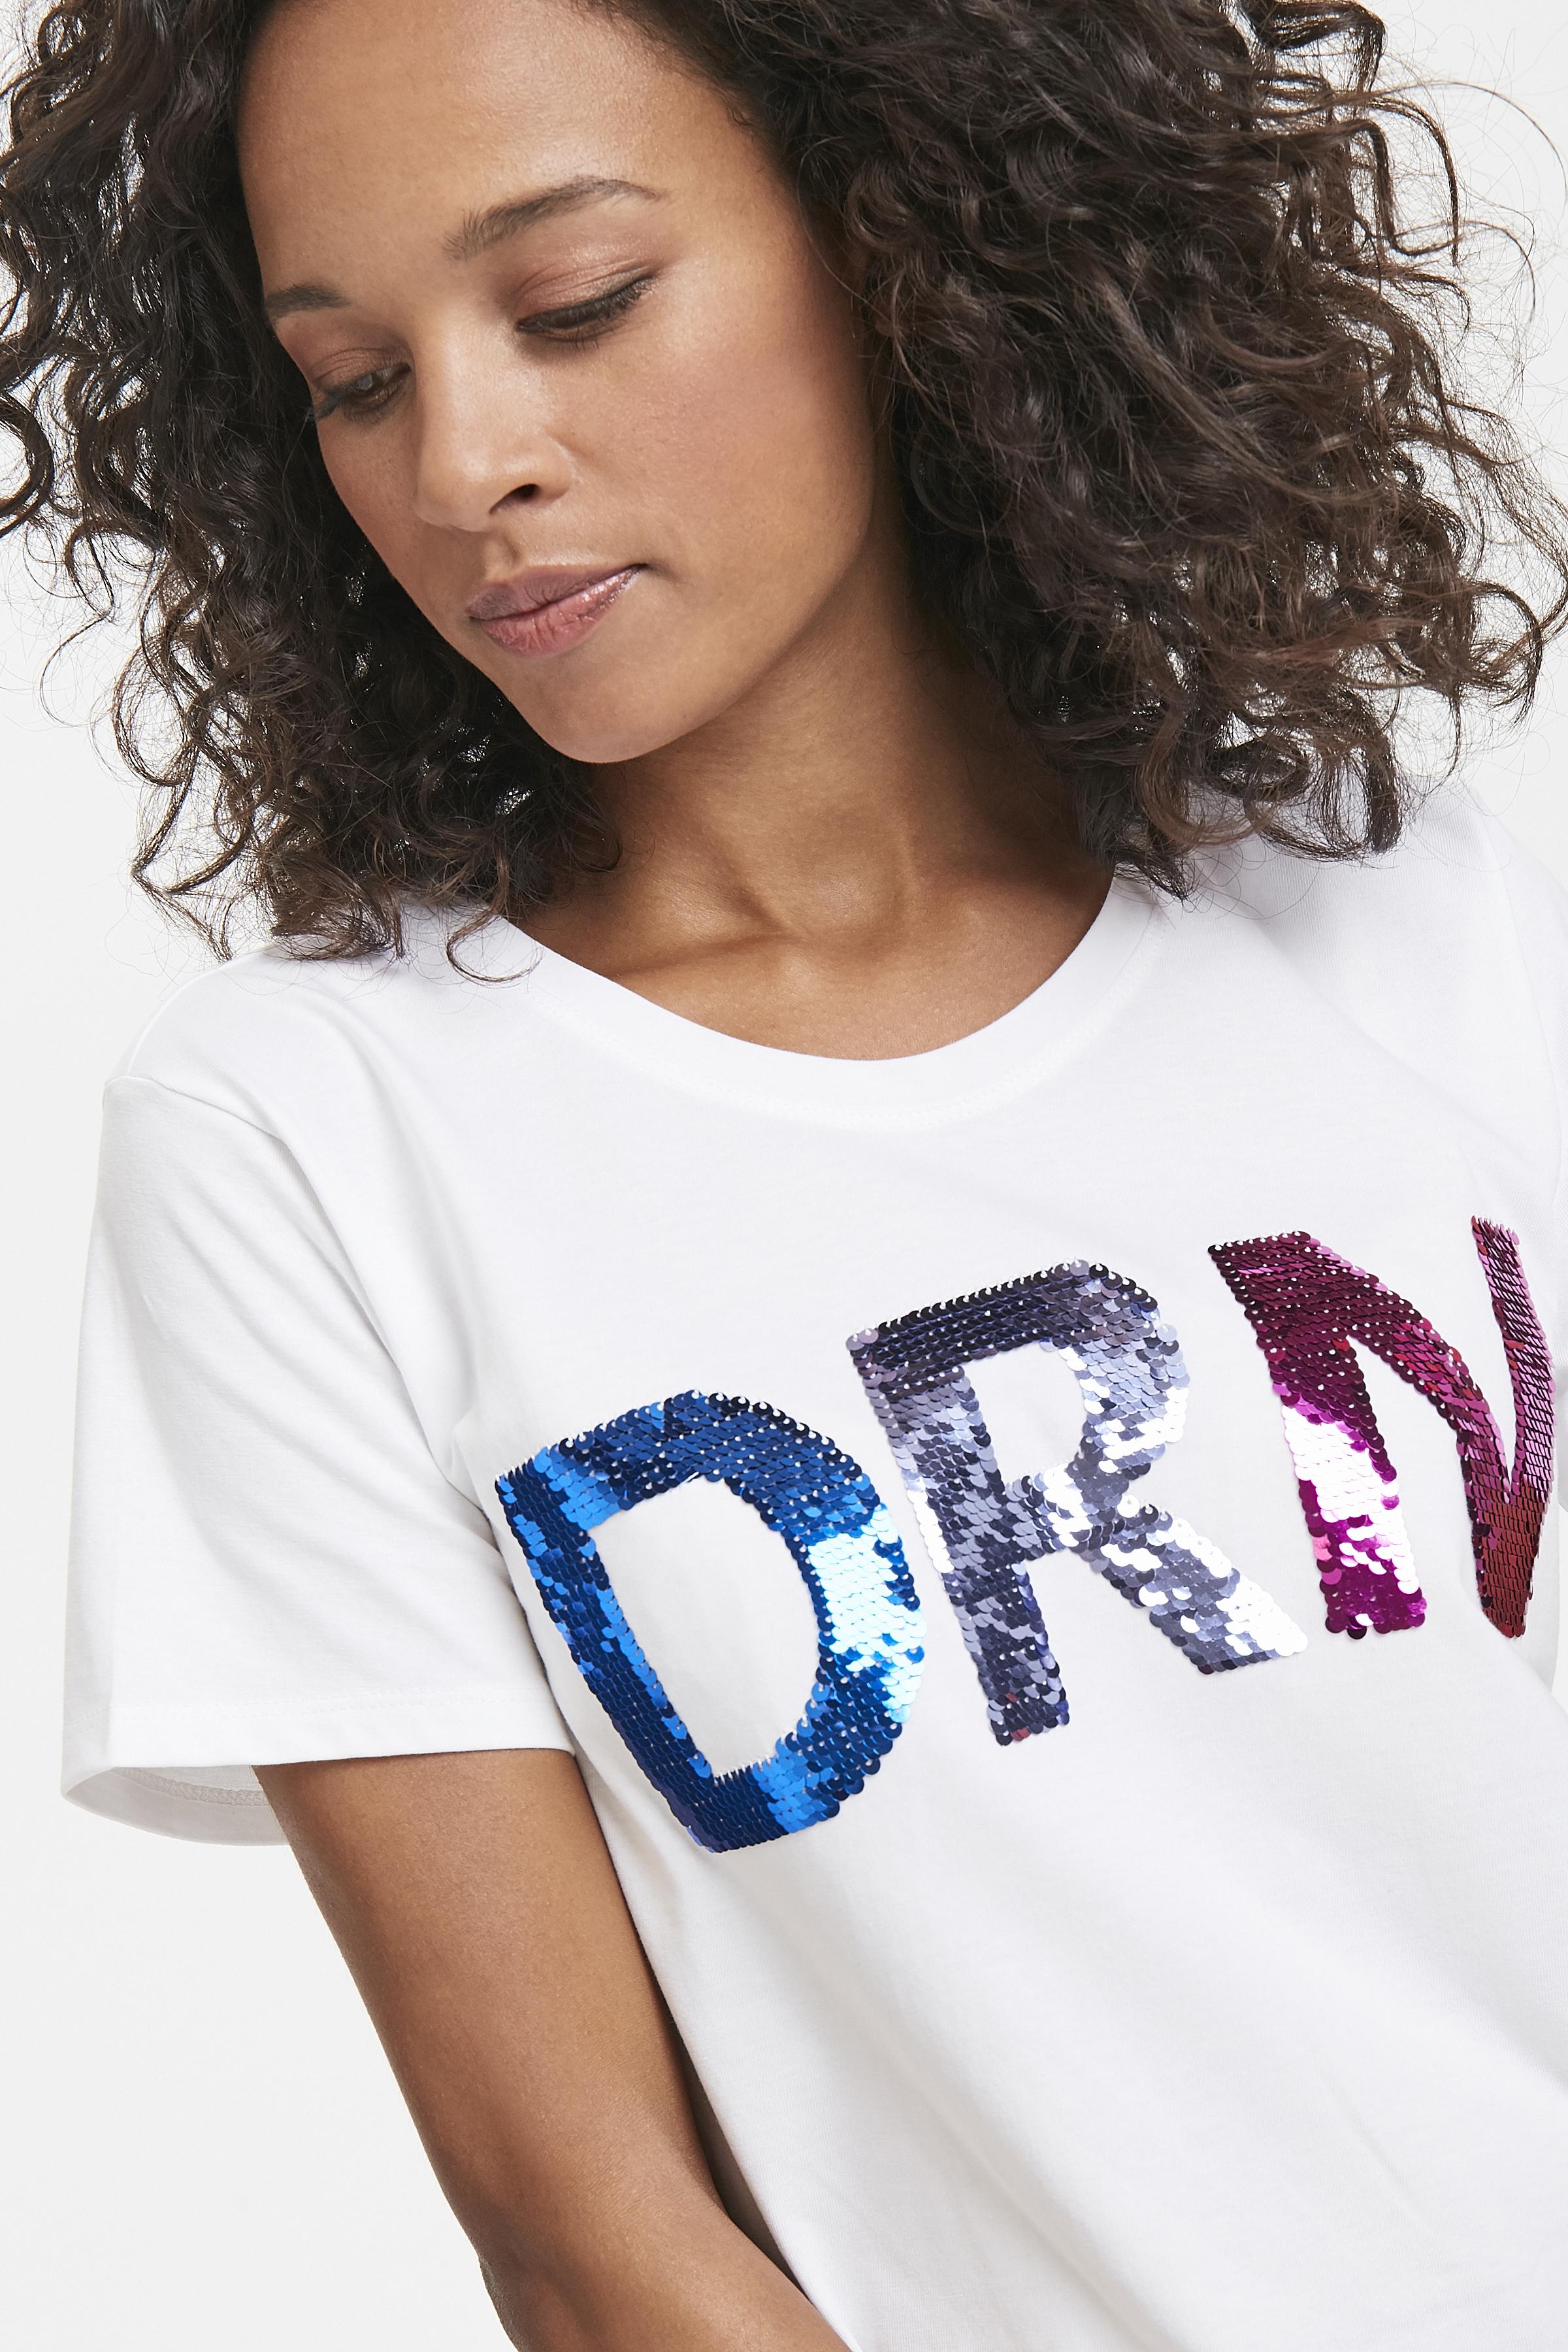 Wollweiß Kurzarm T-Shirt von Dranella – Shoppen Sie Wollweiß Kurzarm T-Shirt ab Gr. XS-XXL hier